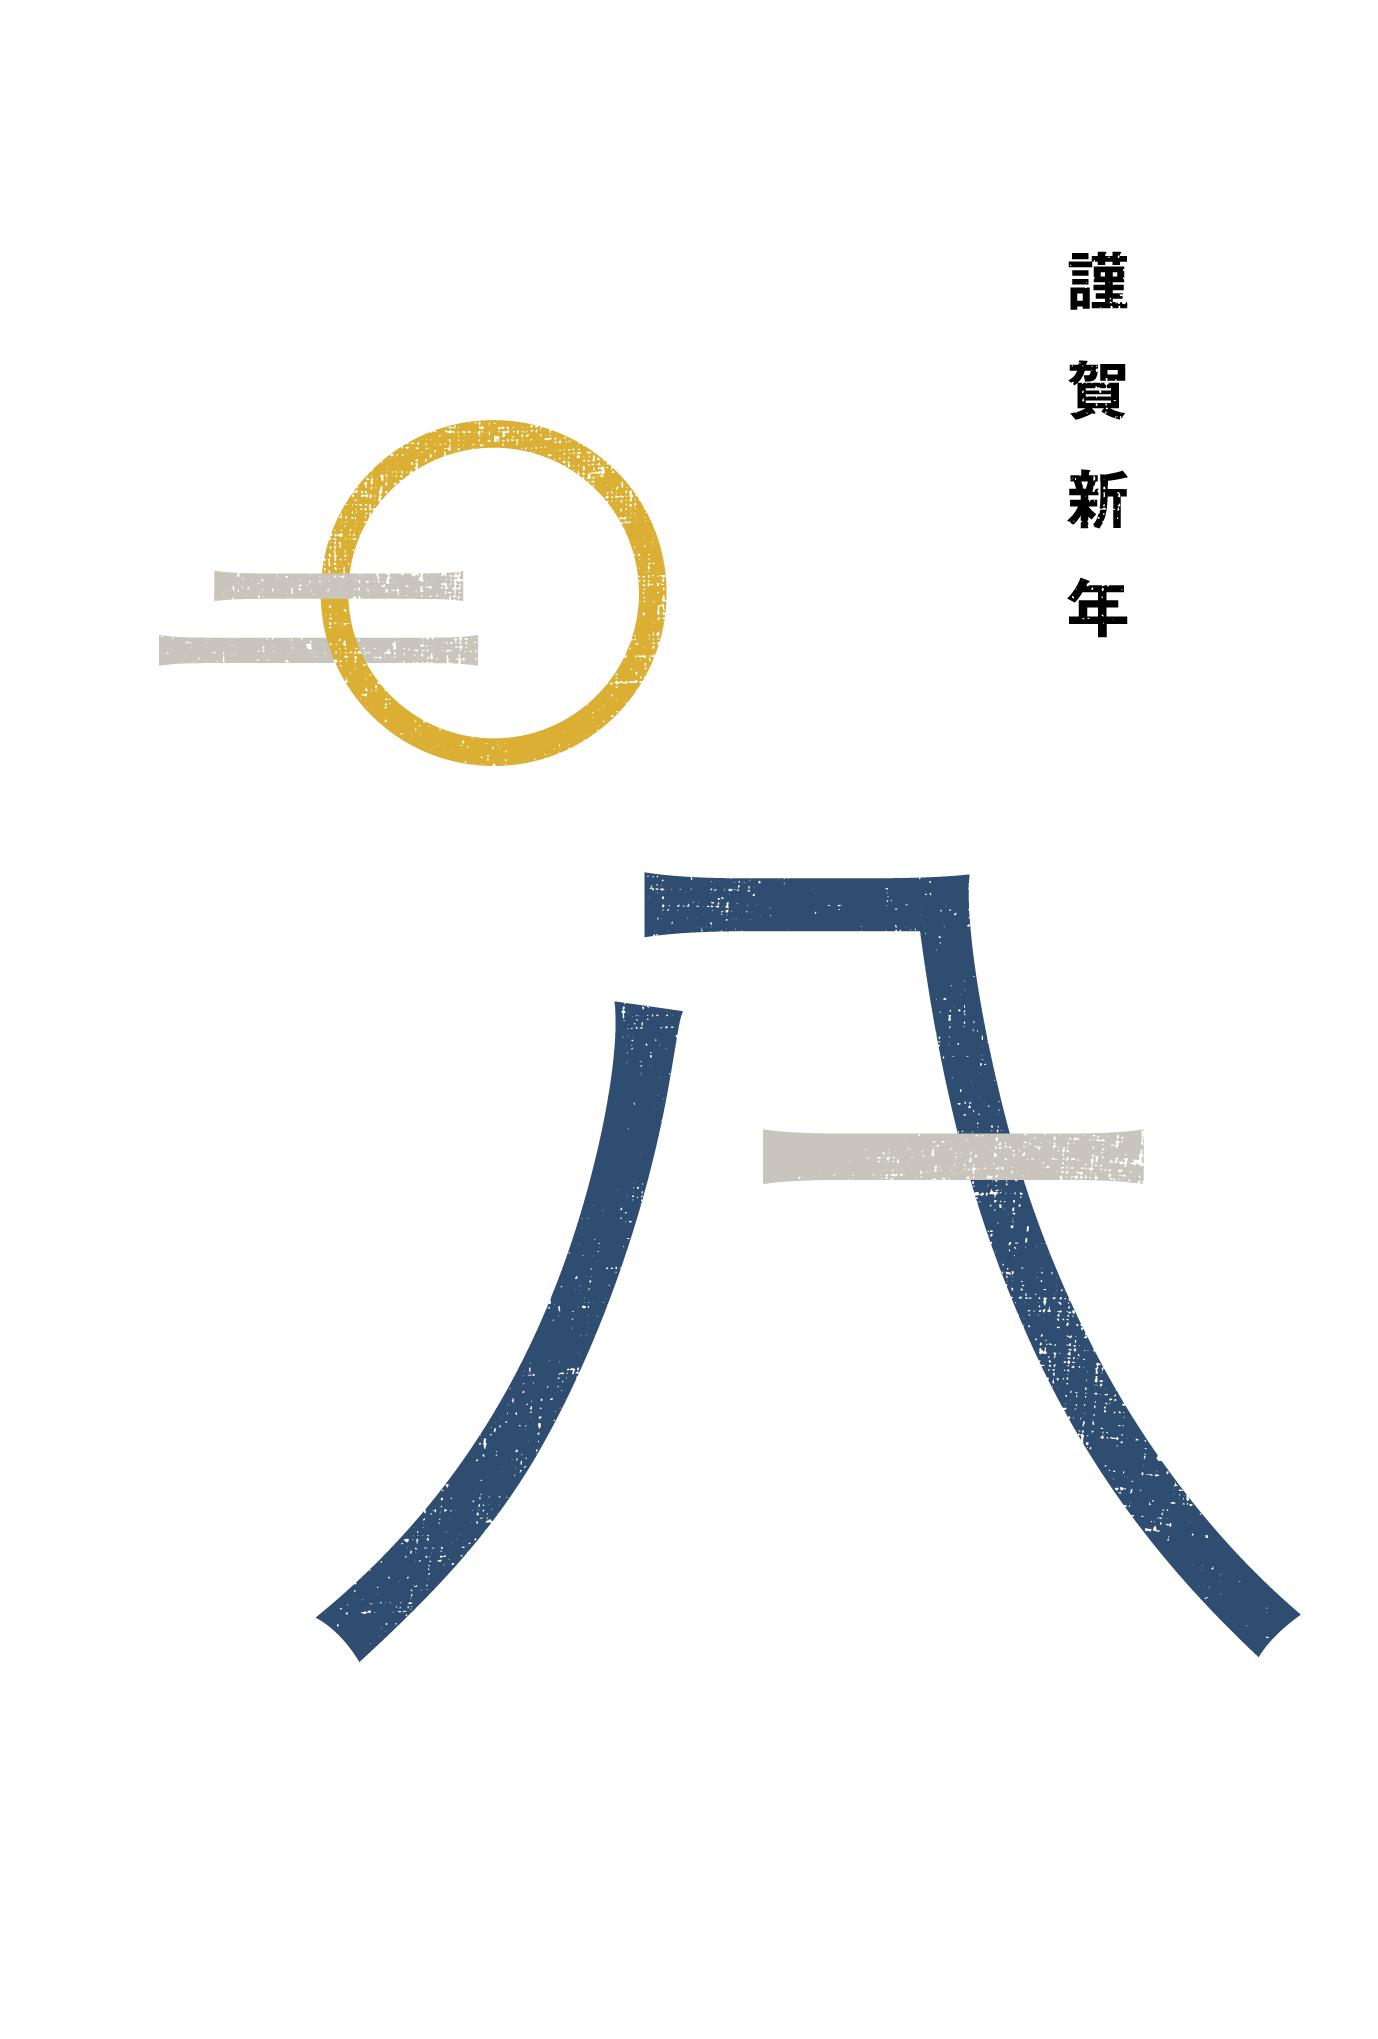 2018年賀状16-2:Fuji 二〇一八 / 色のダウンロード画像